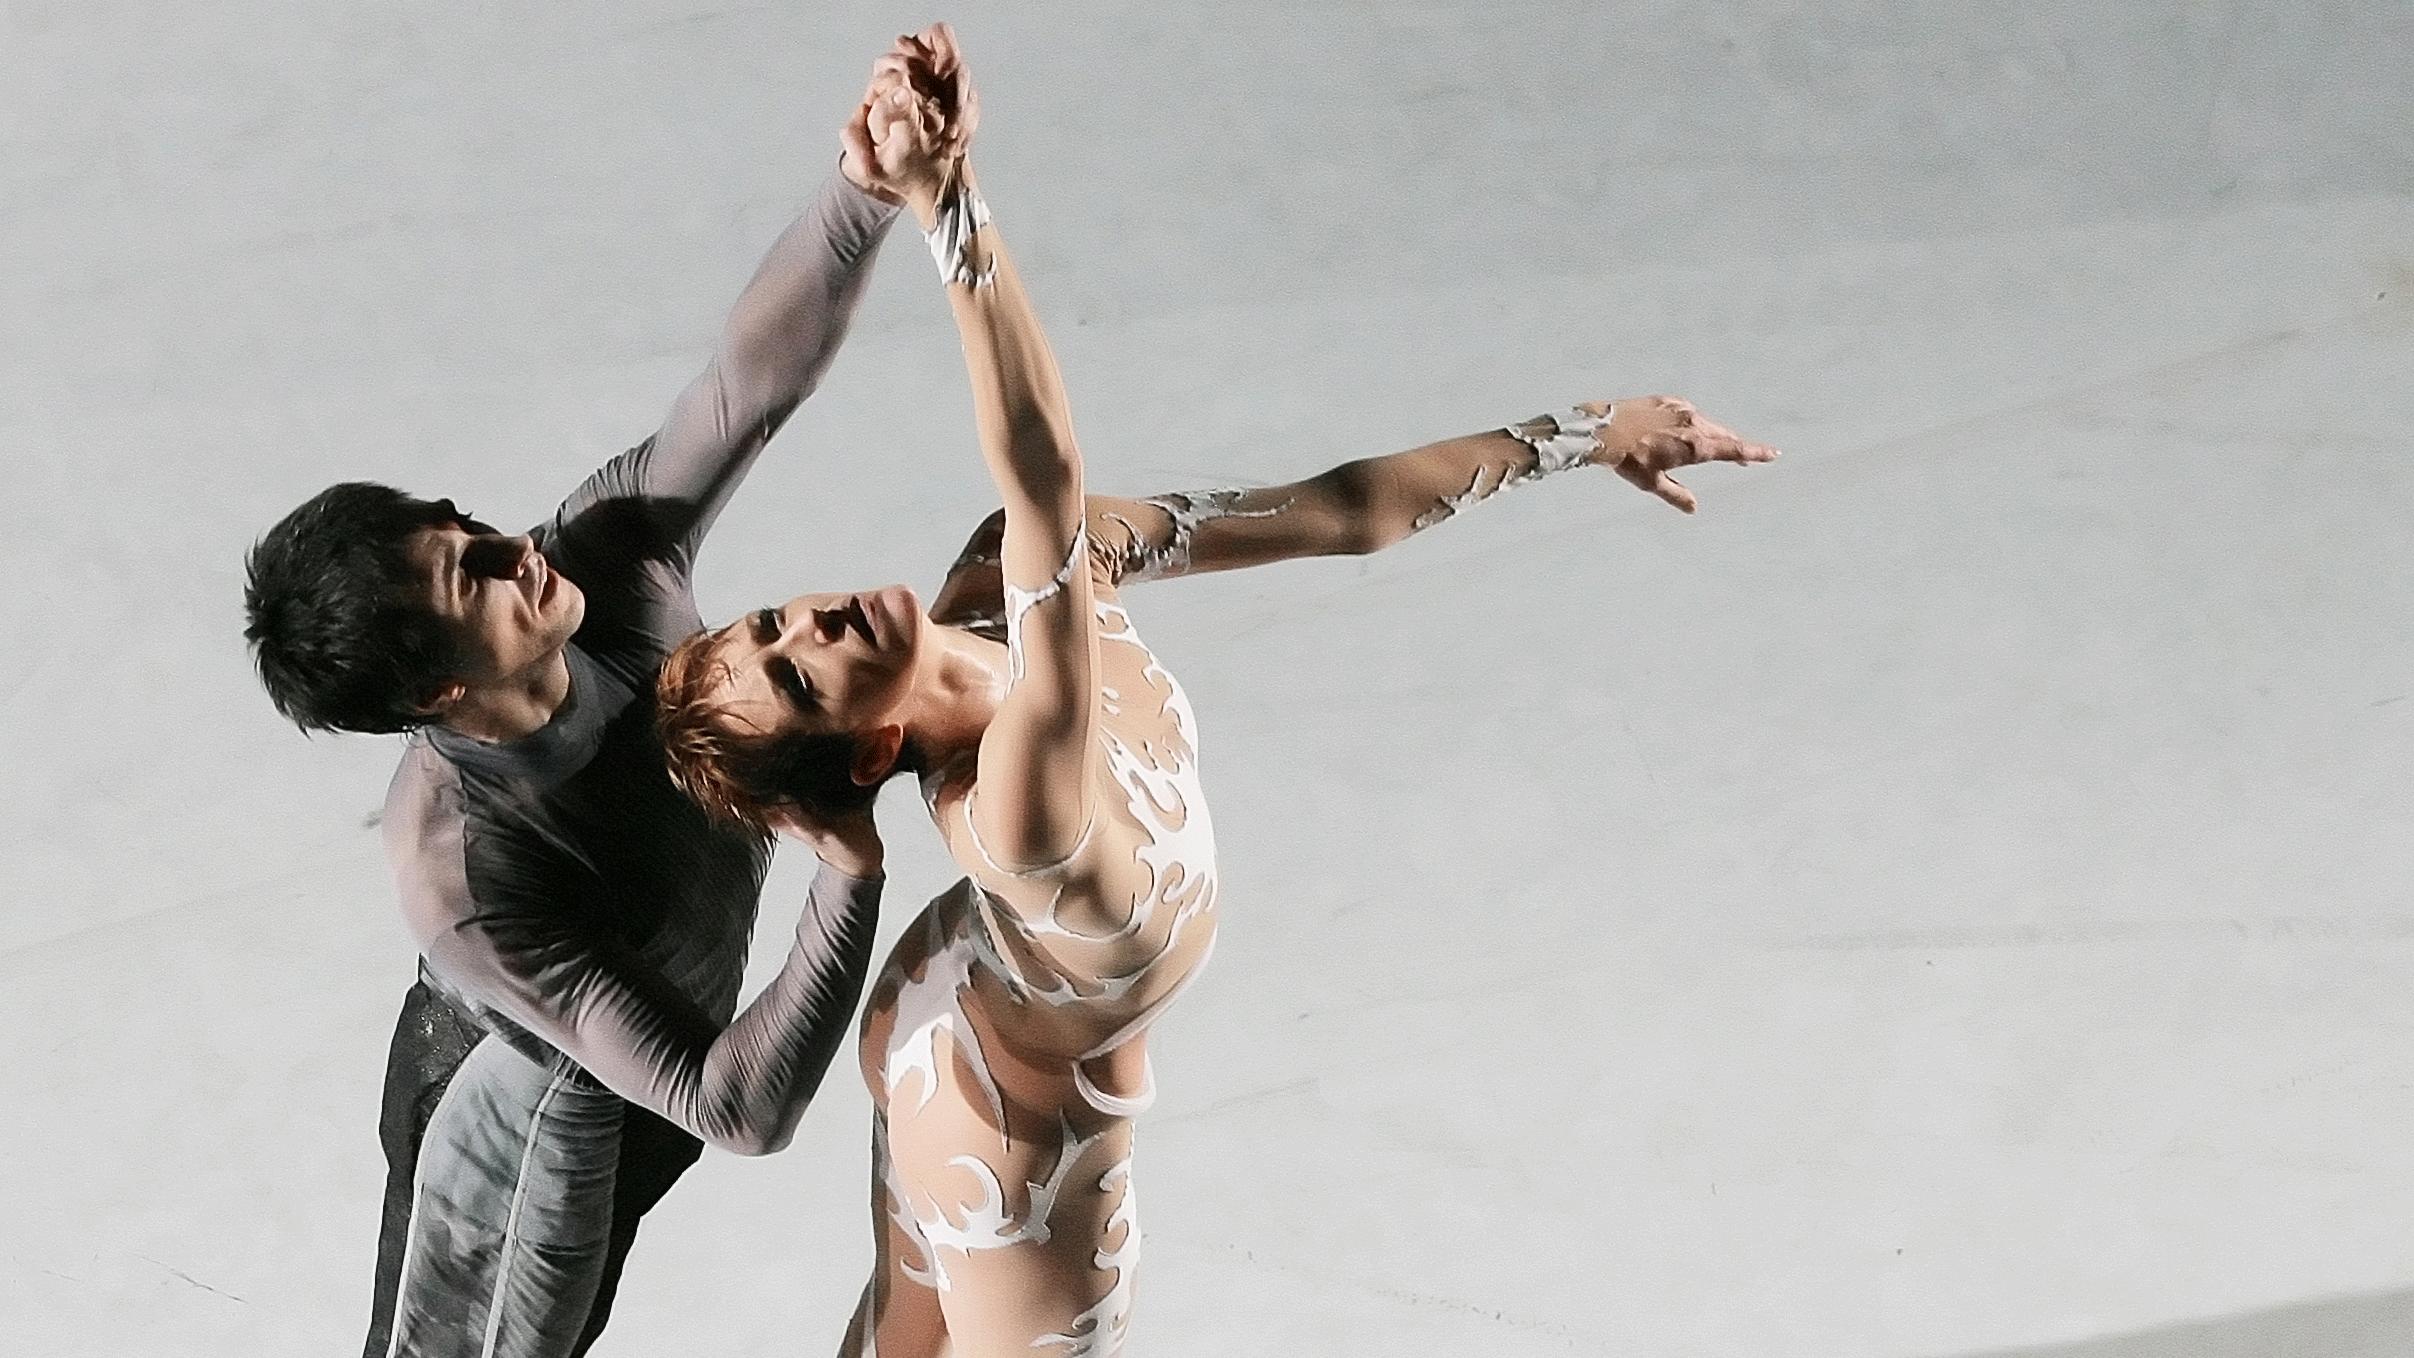 La Belle de Jean-Christophe Maillot, musique de Tchaïkovski